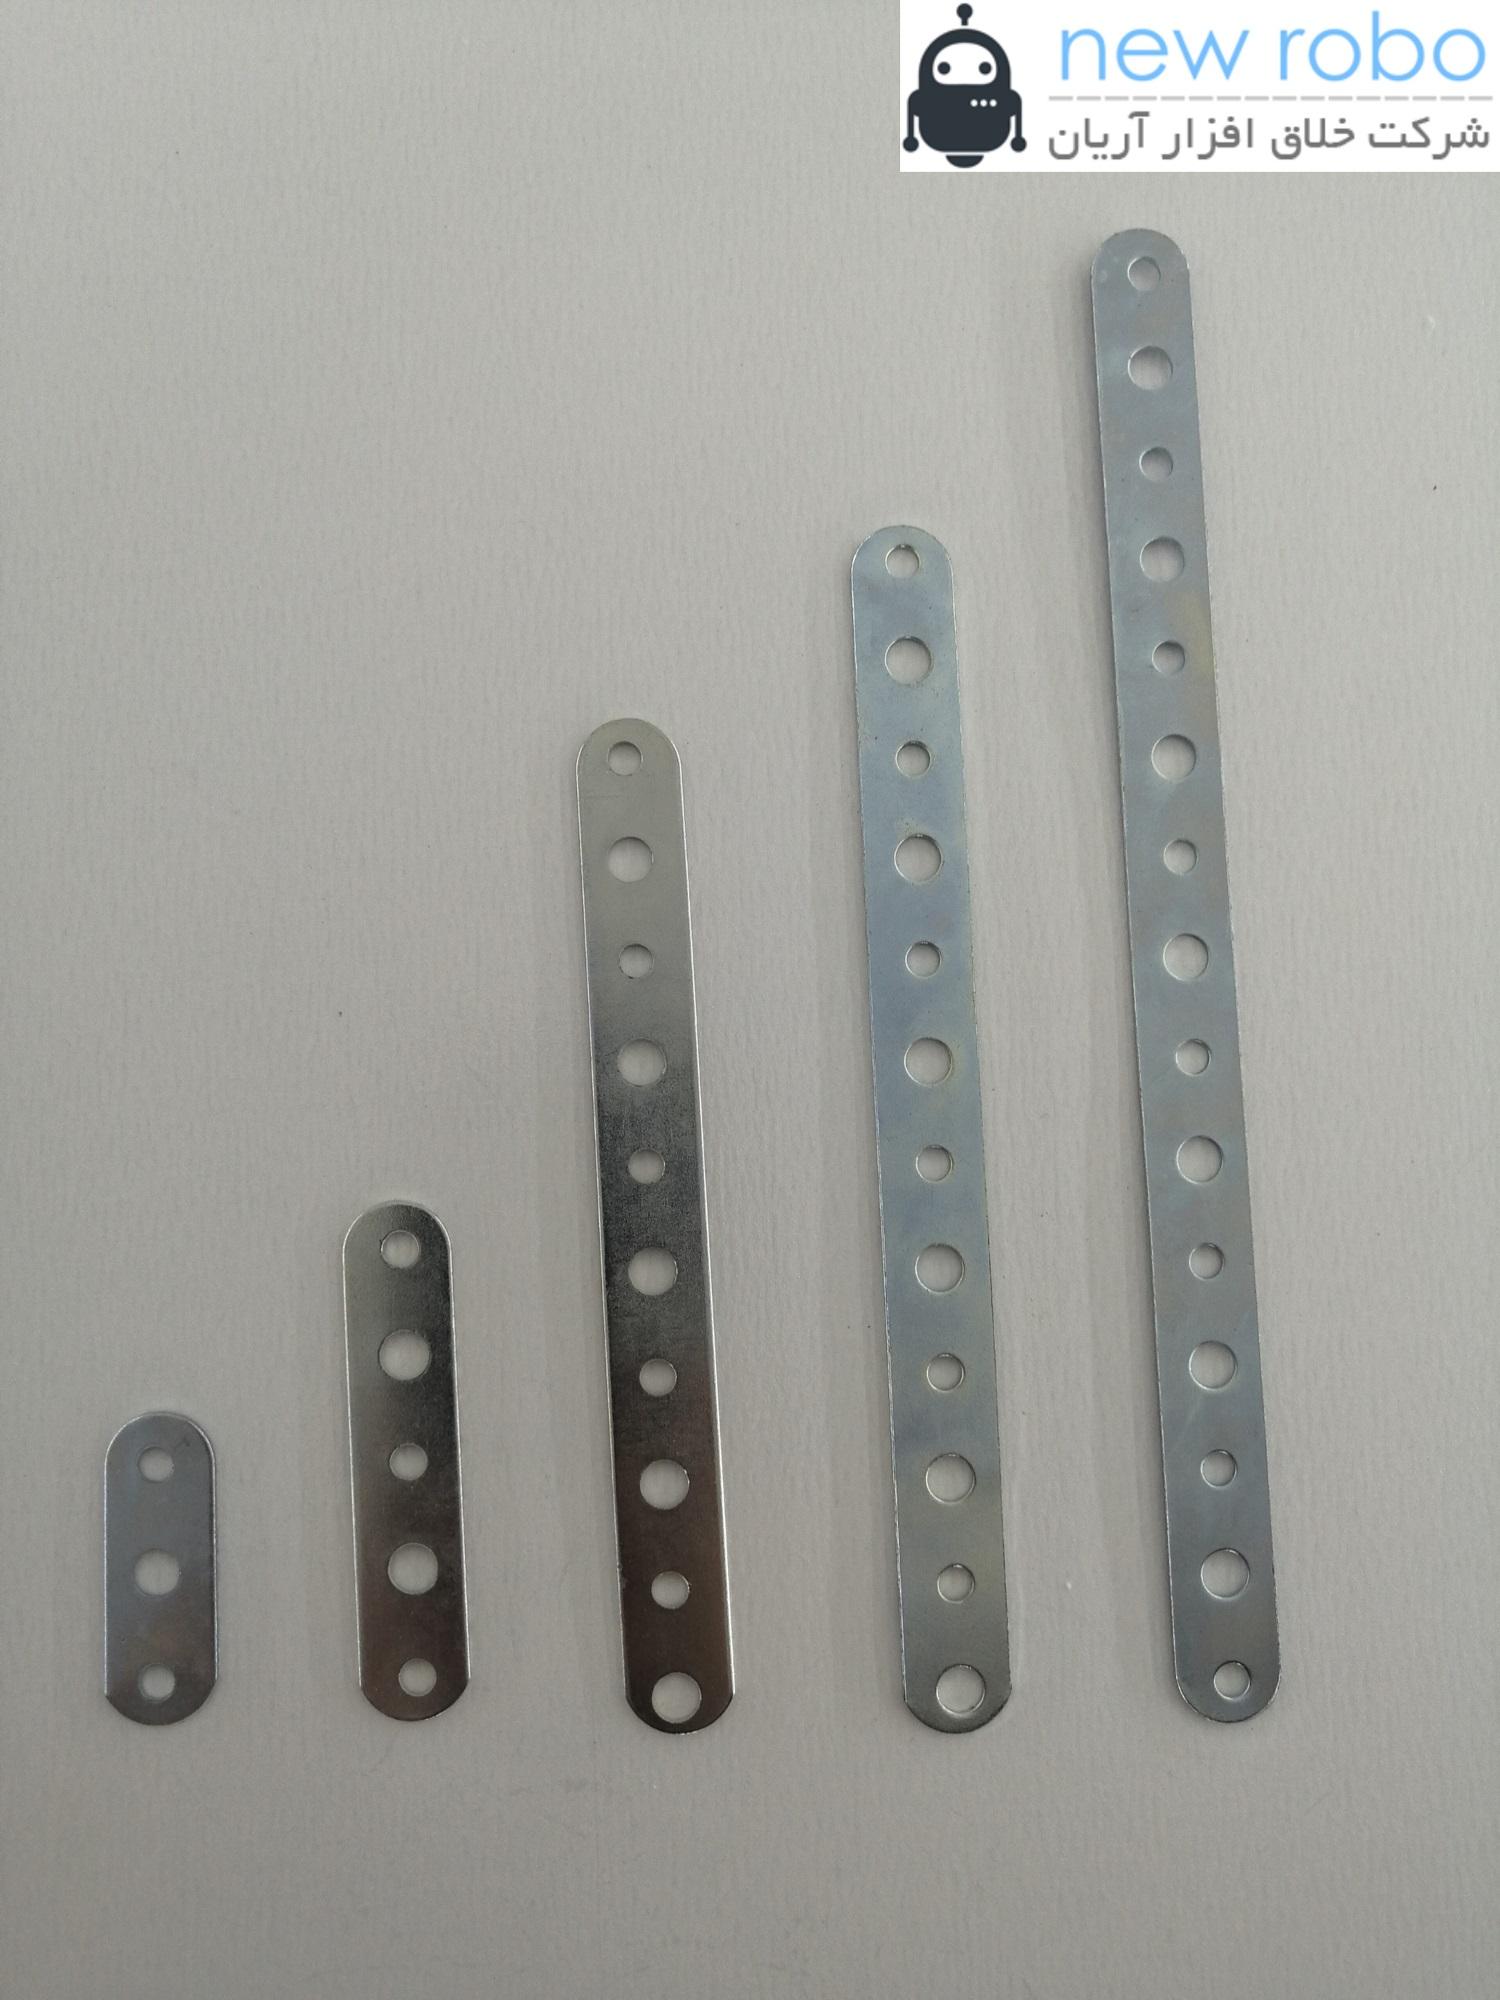 تسمه 3 سوراخ سازه فلزی رباتیک